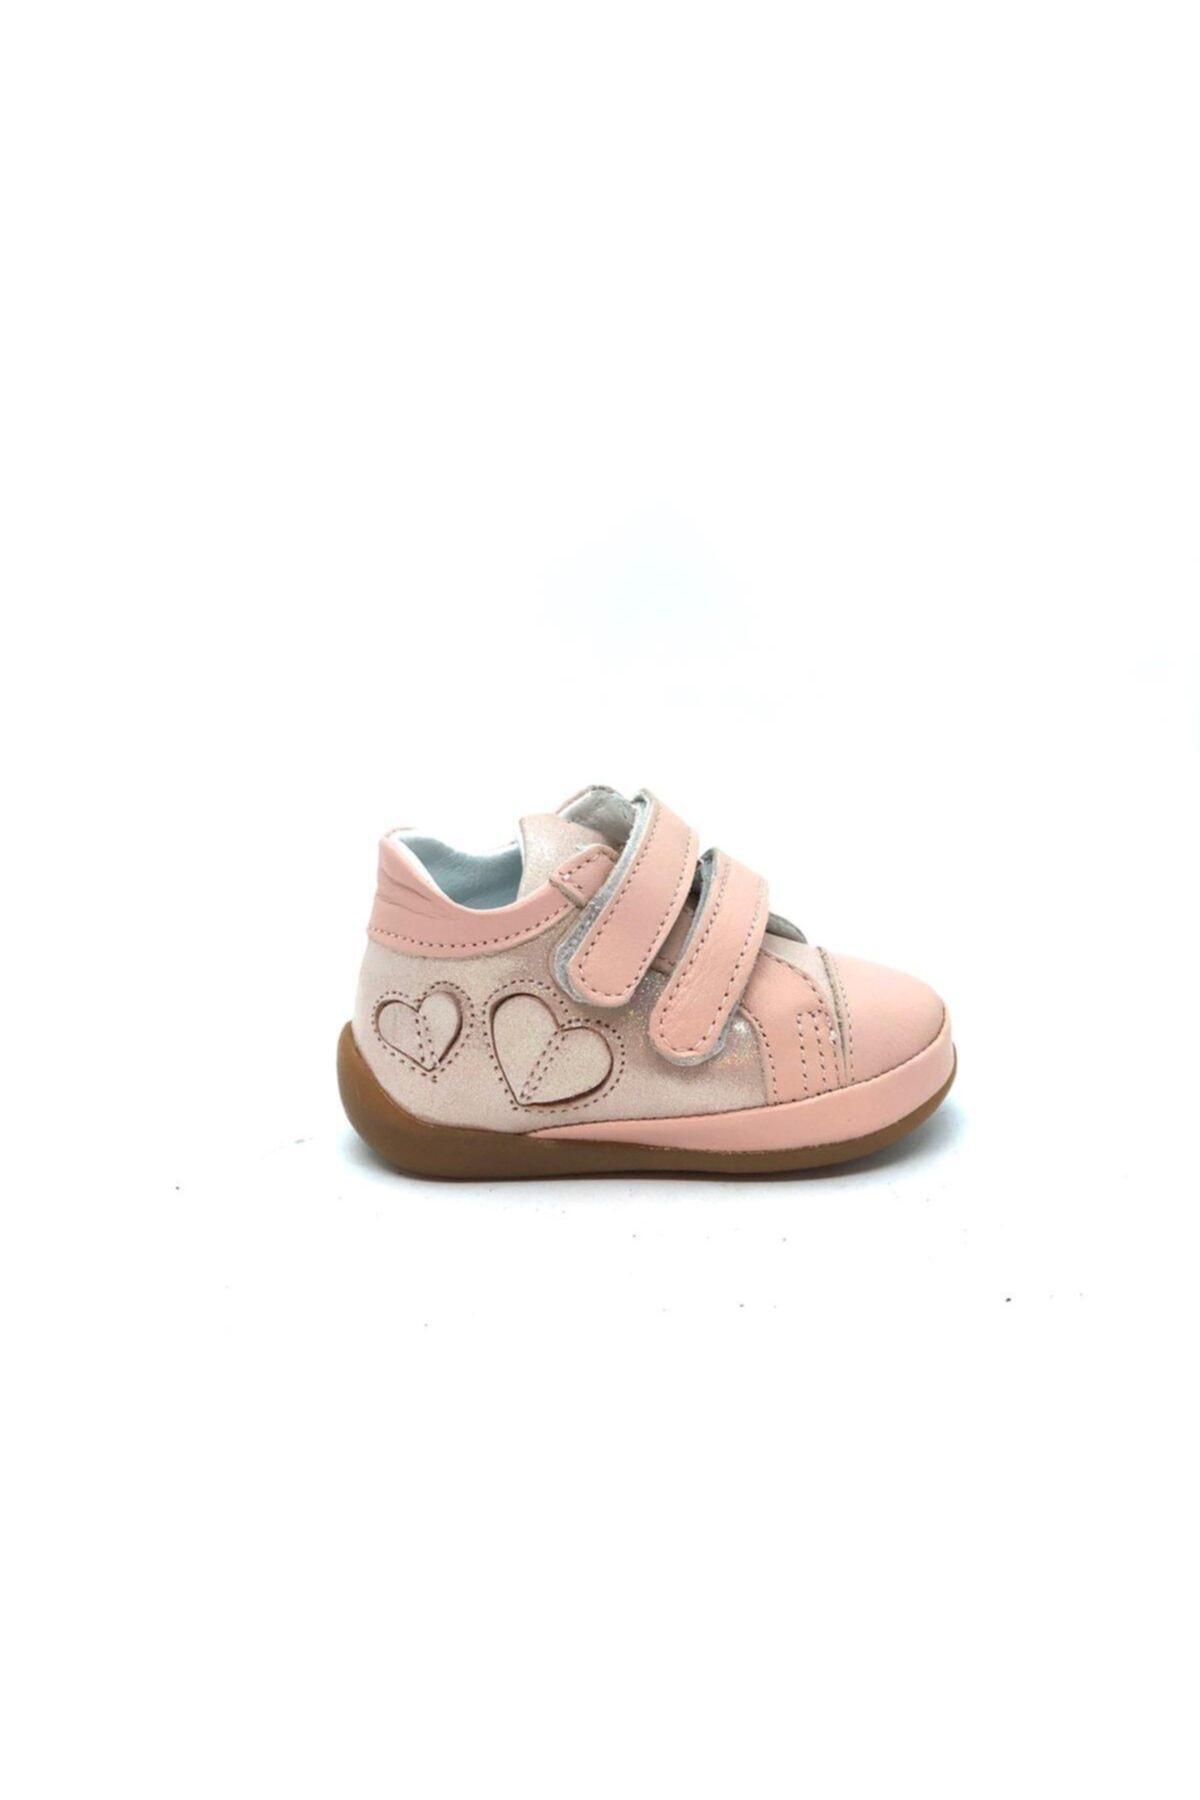 سفارش انلاین بوت نوزاد دخترانه ساده برند Nubebe رنگ صورتی ty68839919